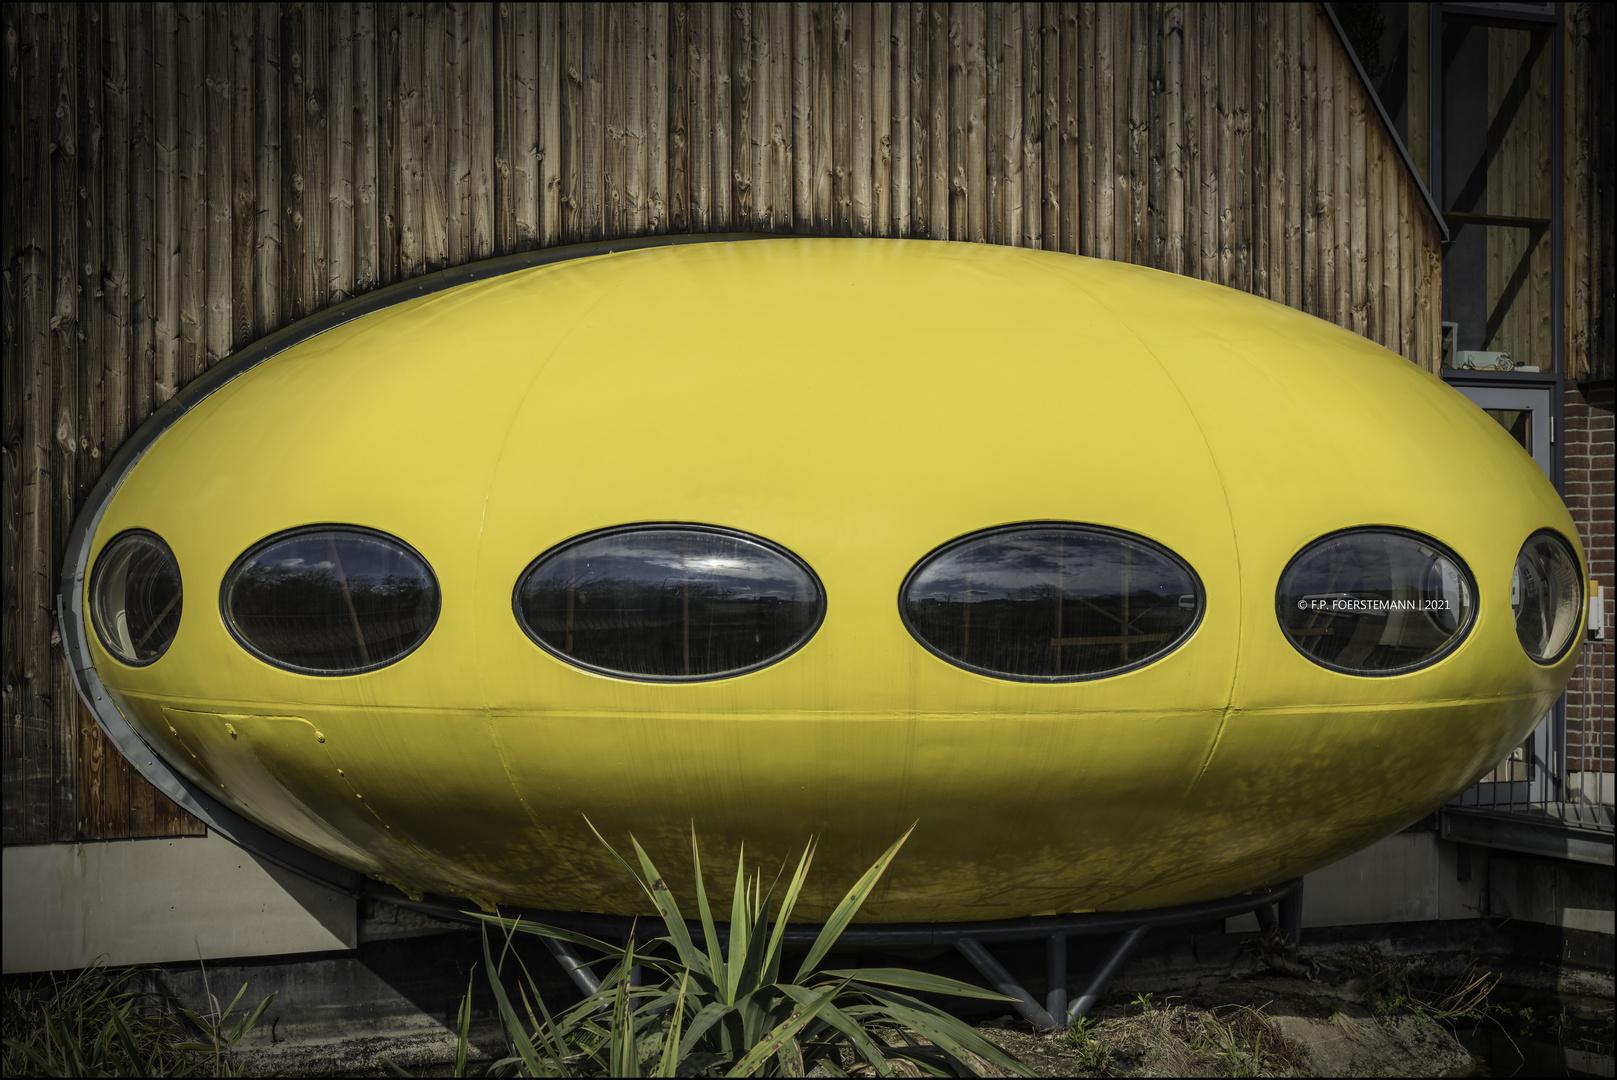 UFO-Garage